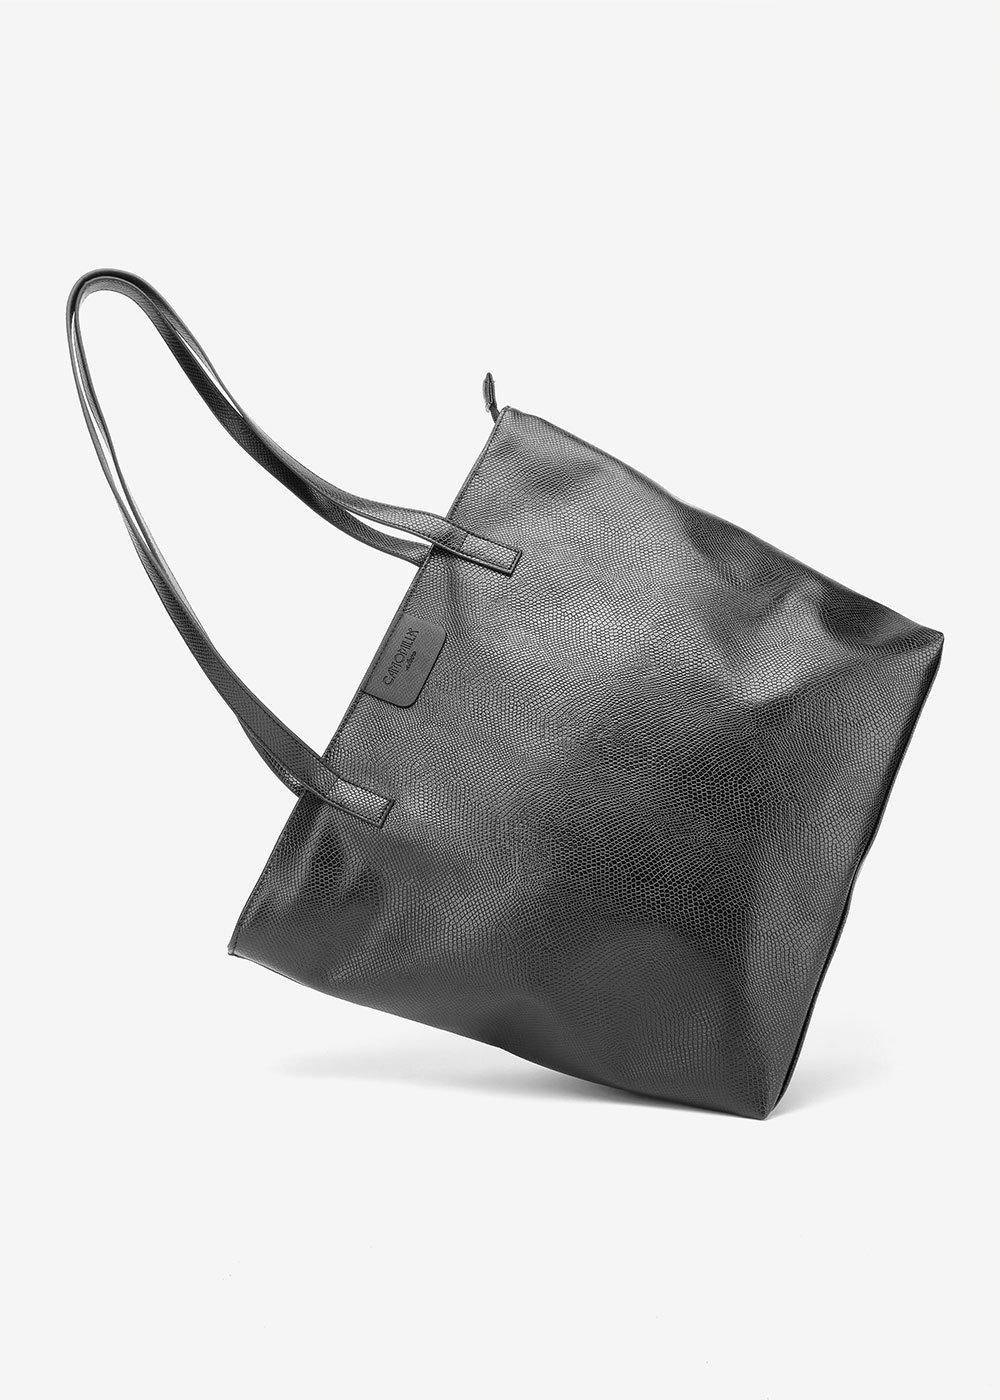 Badia shopping bag with python print - Black - Woman